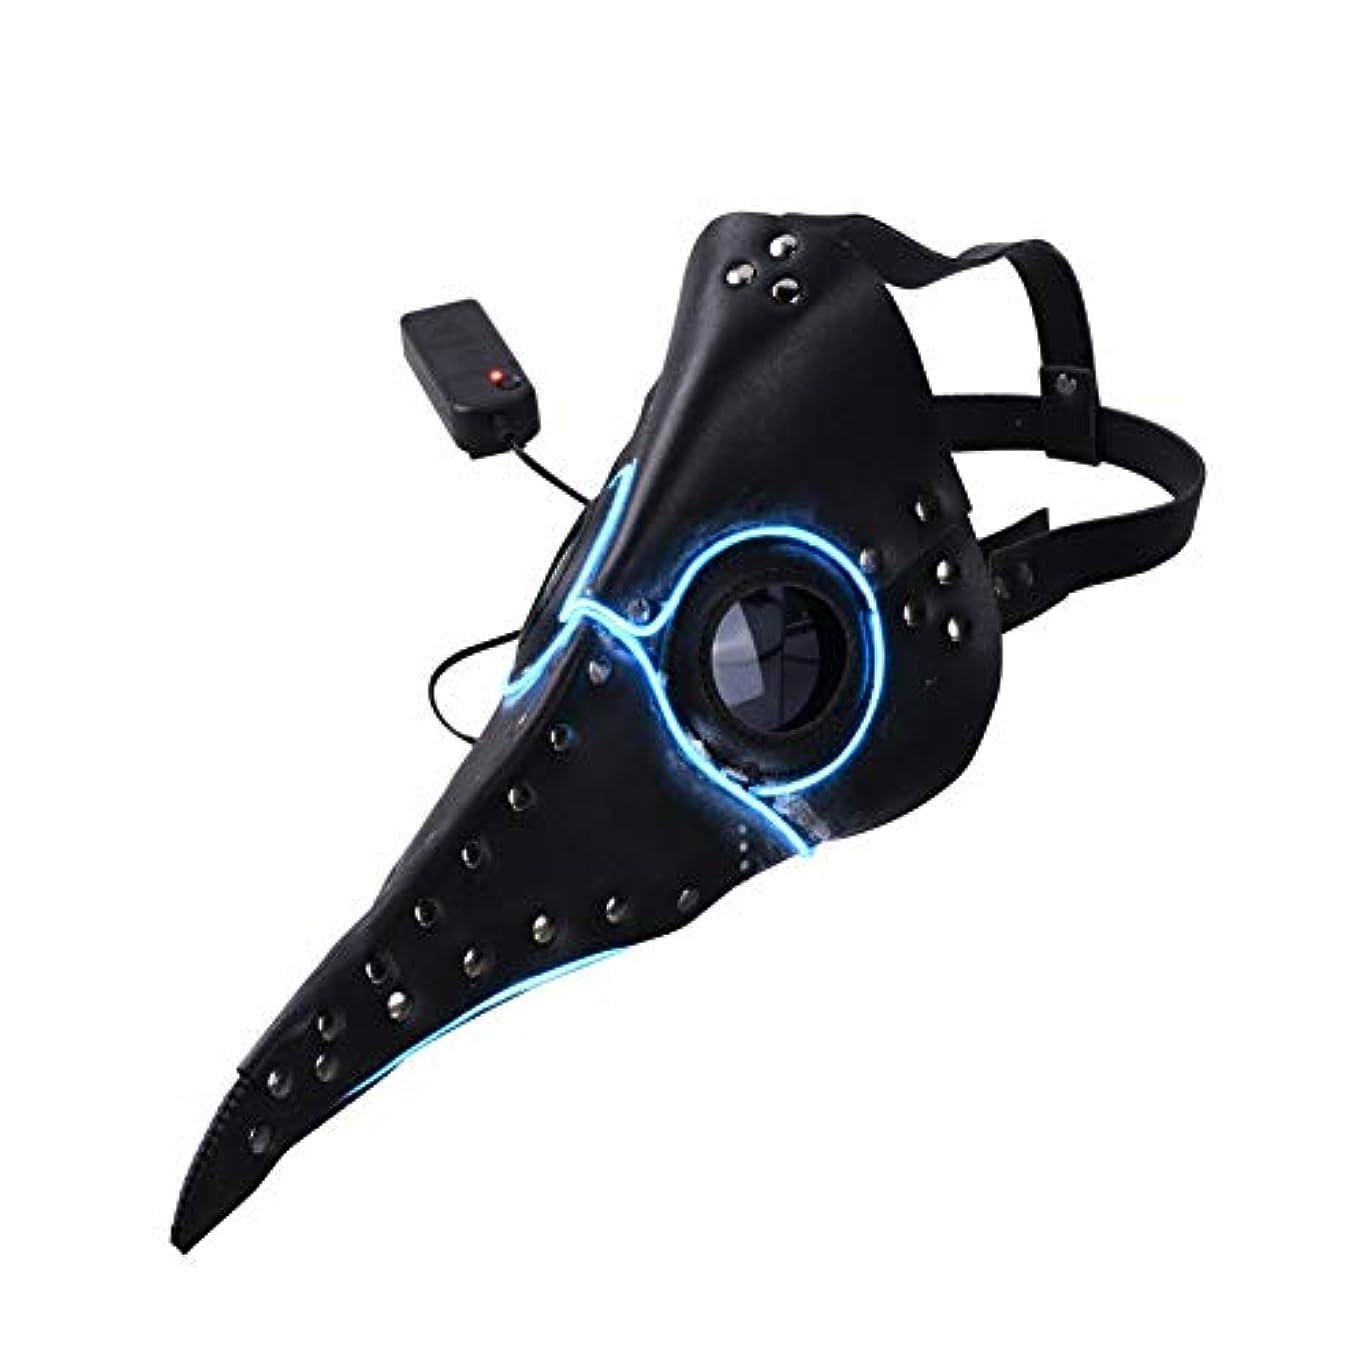 ひもしなやか原因Esolom LEDが点灯 ペストドクターマスク ロングノーズマスク くちばし ハロウィンデコレーション ゴシックロールプレイング カーニバル衣装小道具